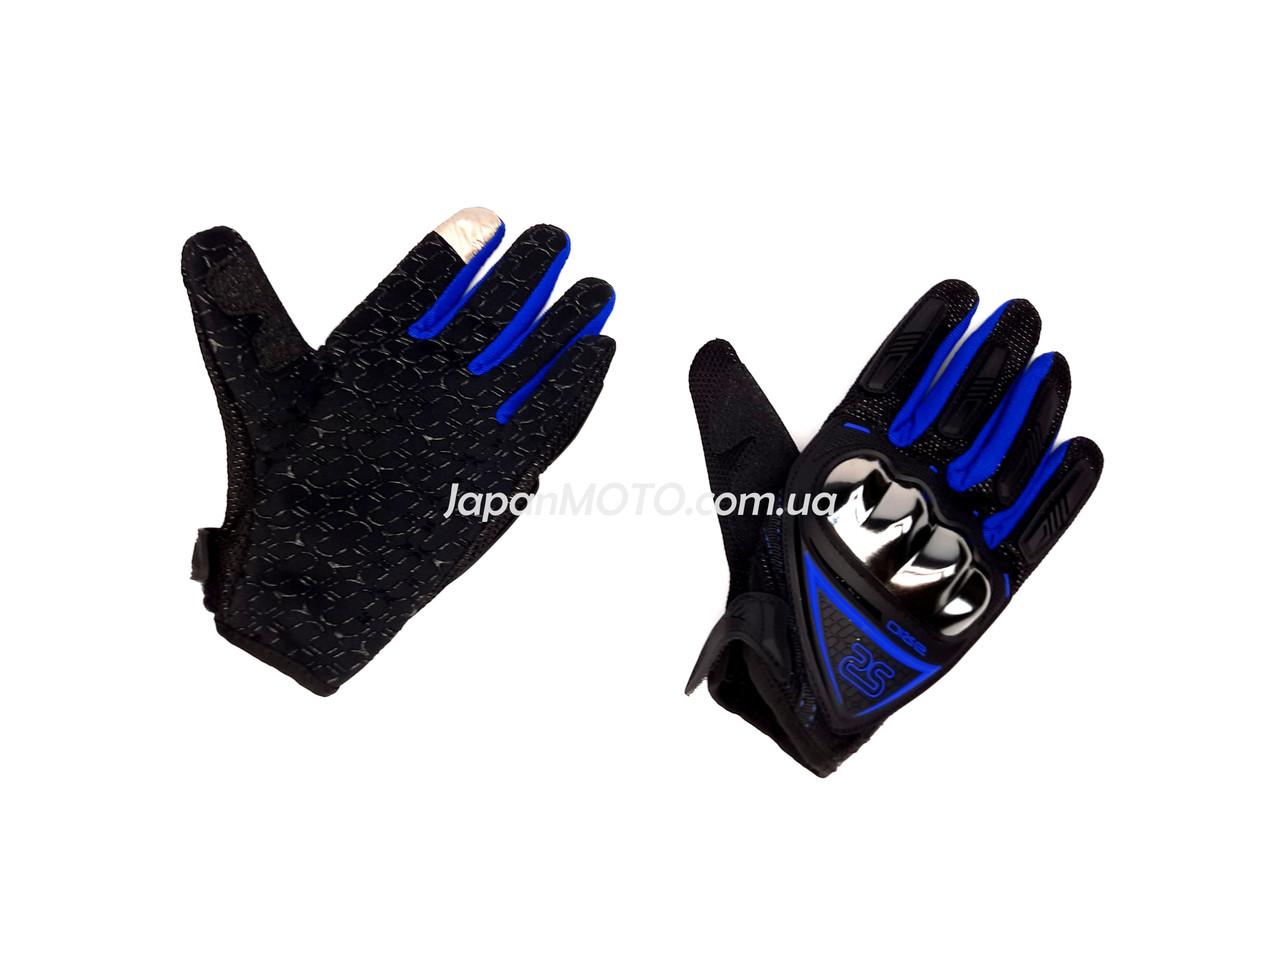 Перчатки AXIO AX-01 сенсорный палец (size: M, синие)